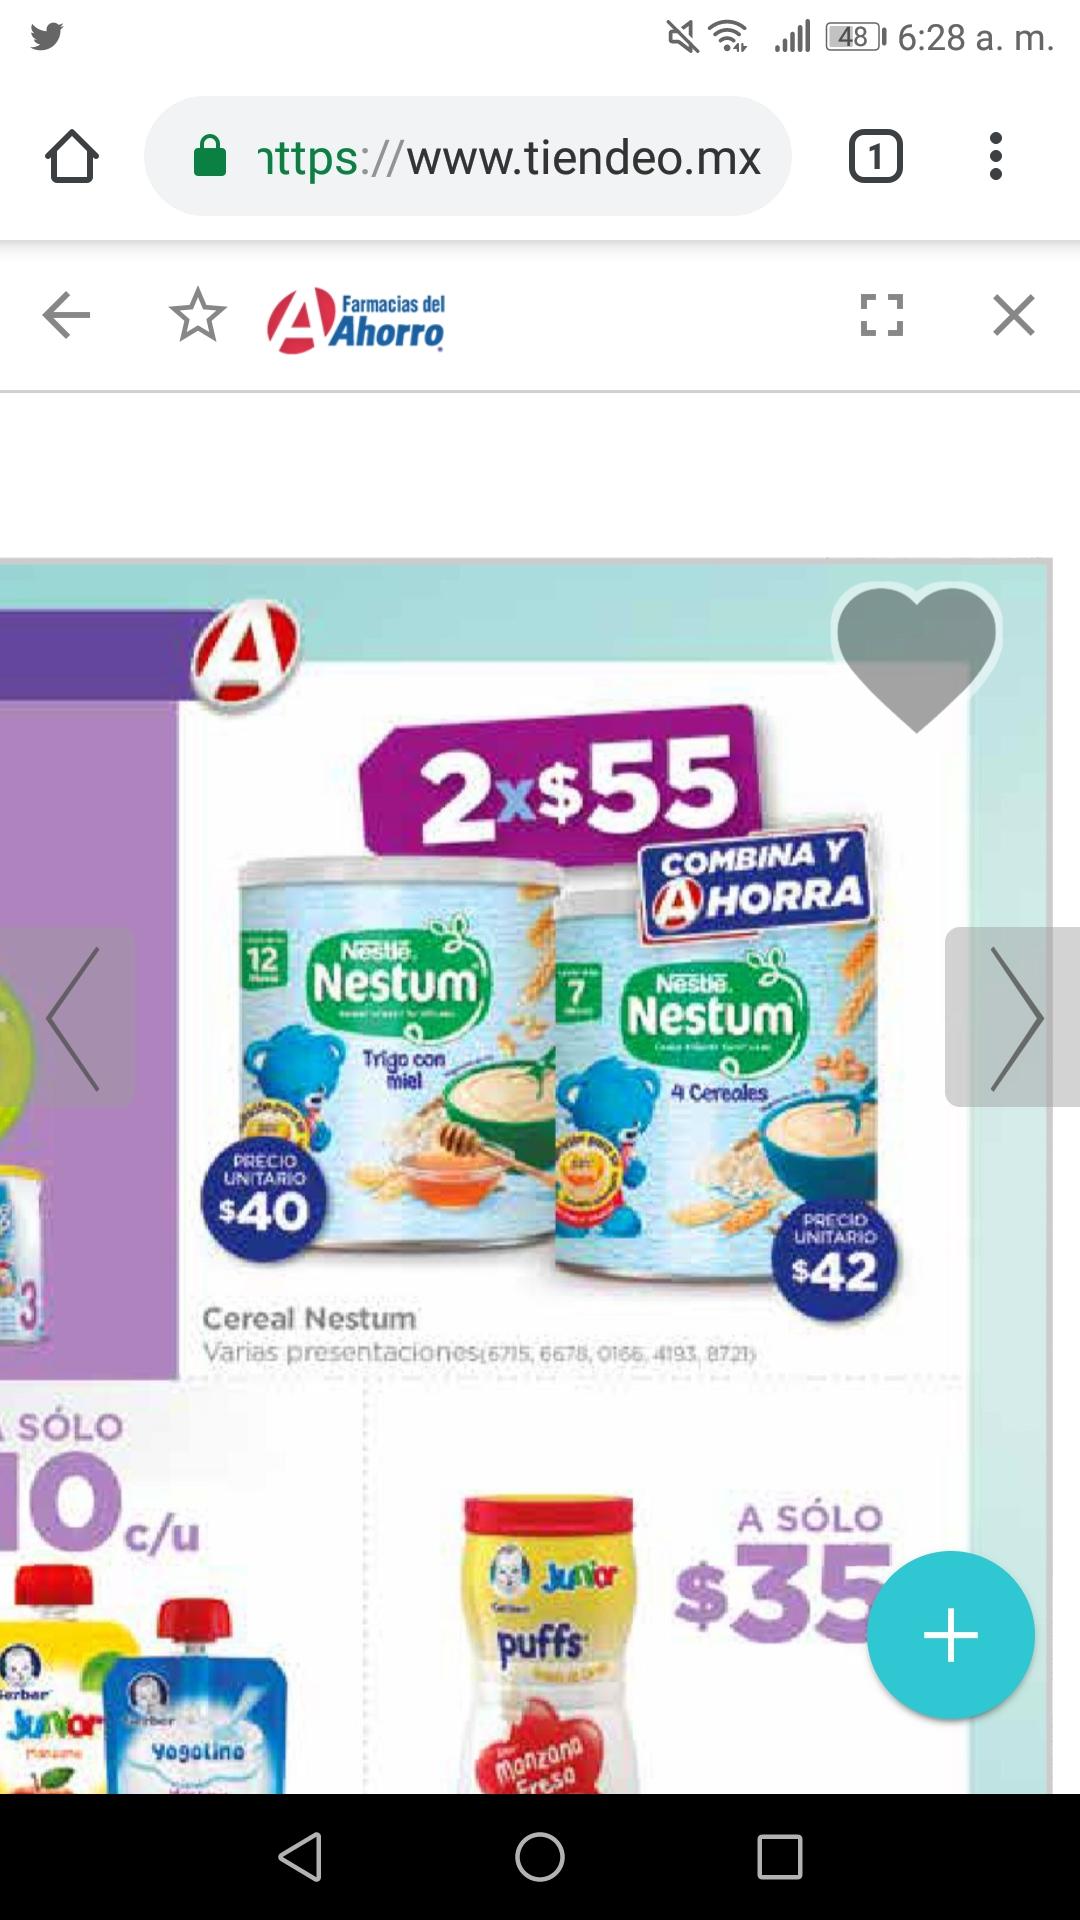 Farmacias del Ahorro: 2 NESTUN POR $55 y más